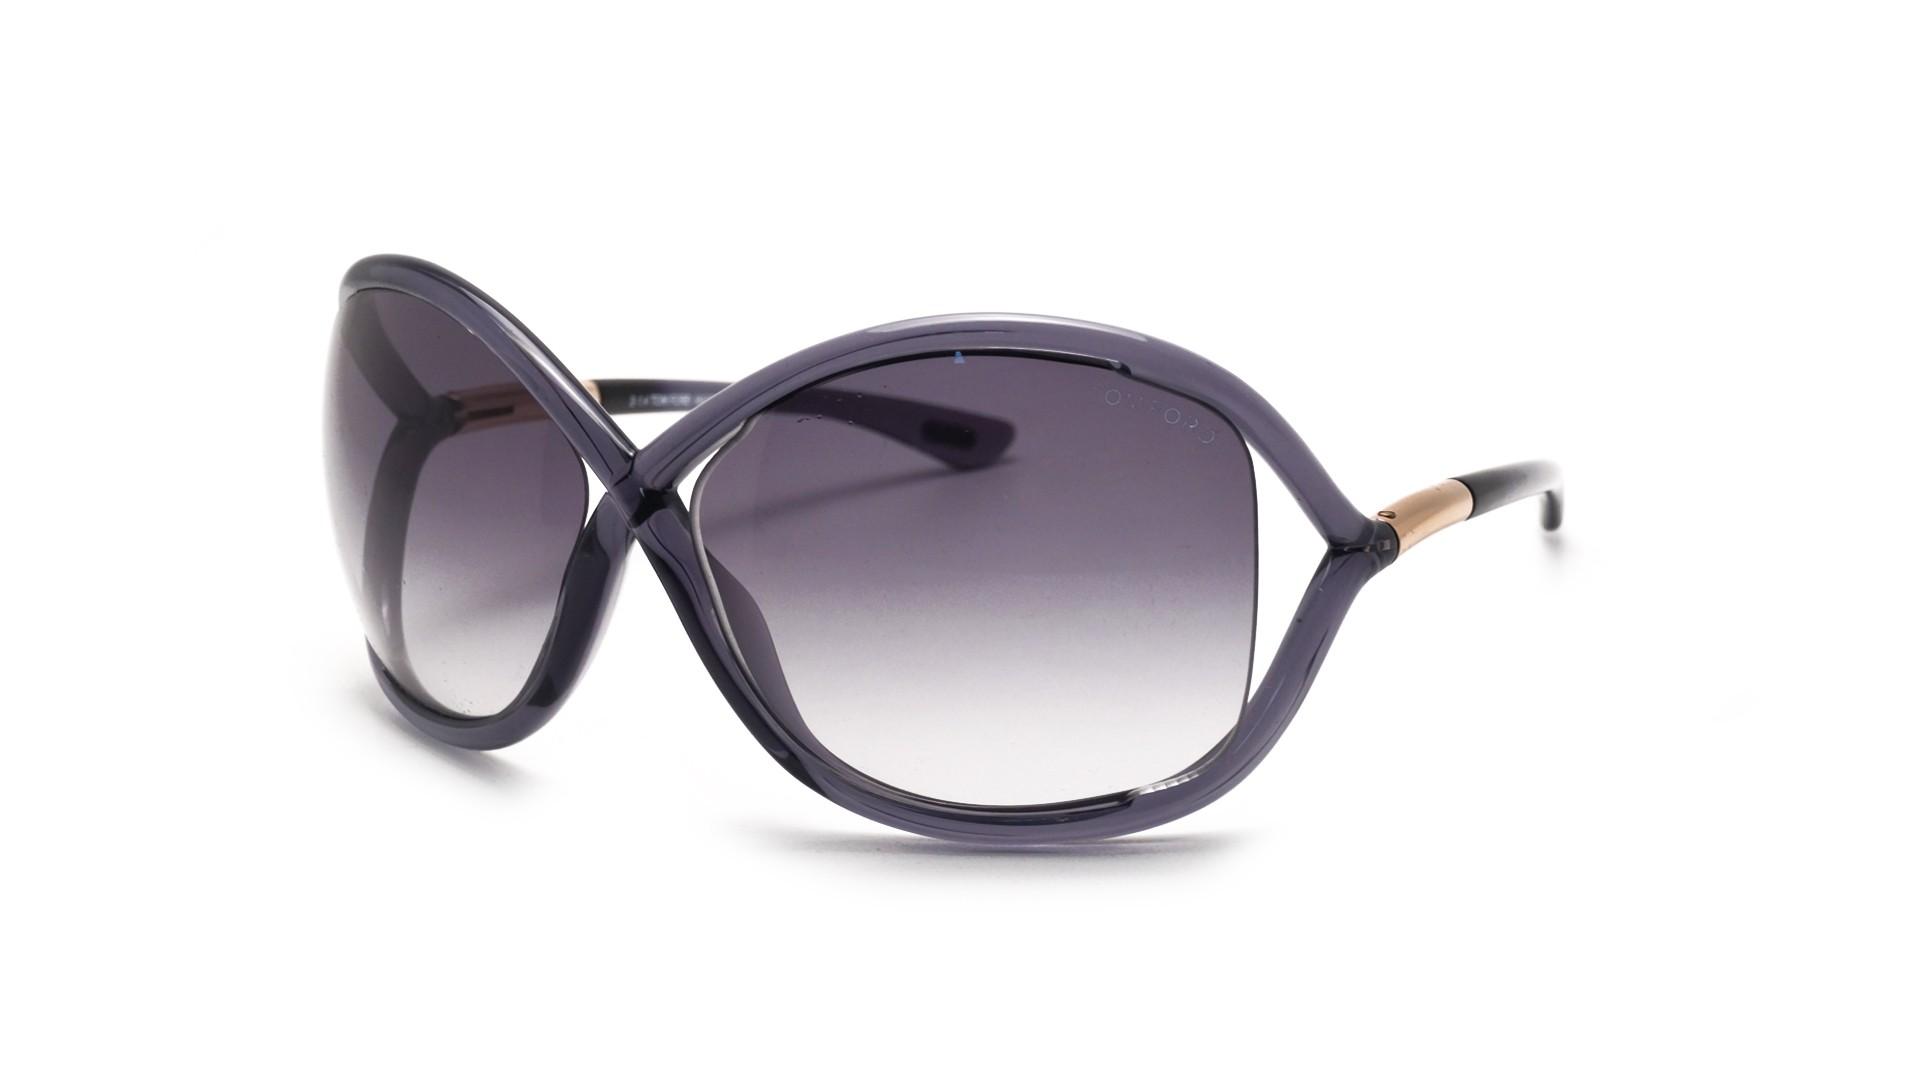 e450d9da5e039 Sunglasses Tom Ford Whitney Grey FT0009 0B5 64-14 Large Gradient